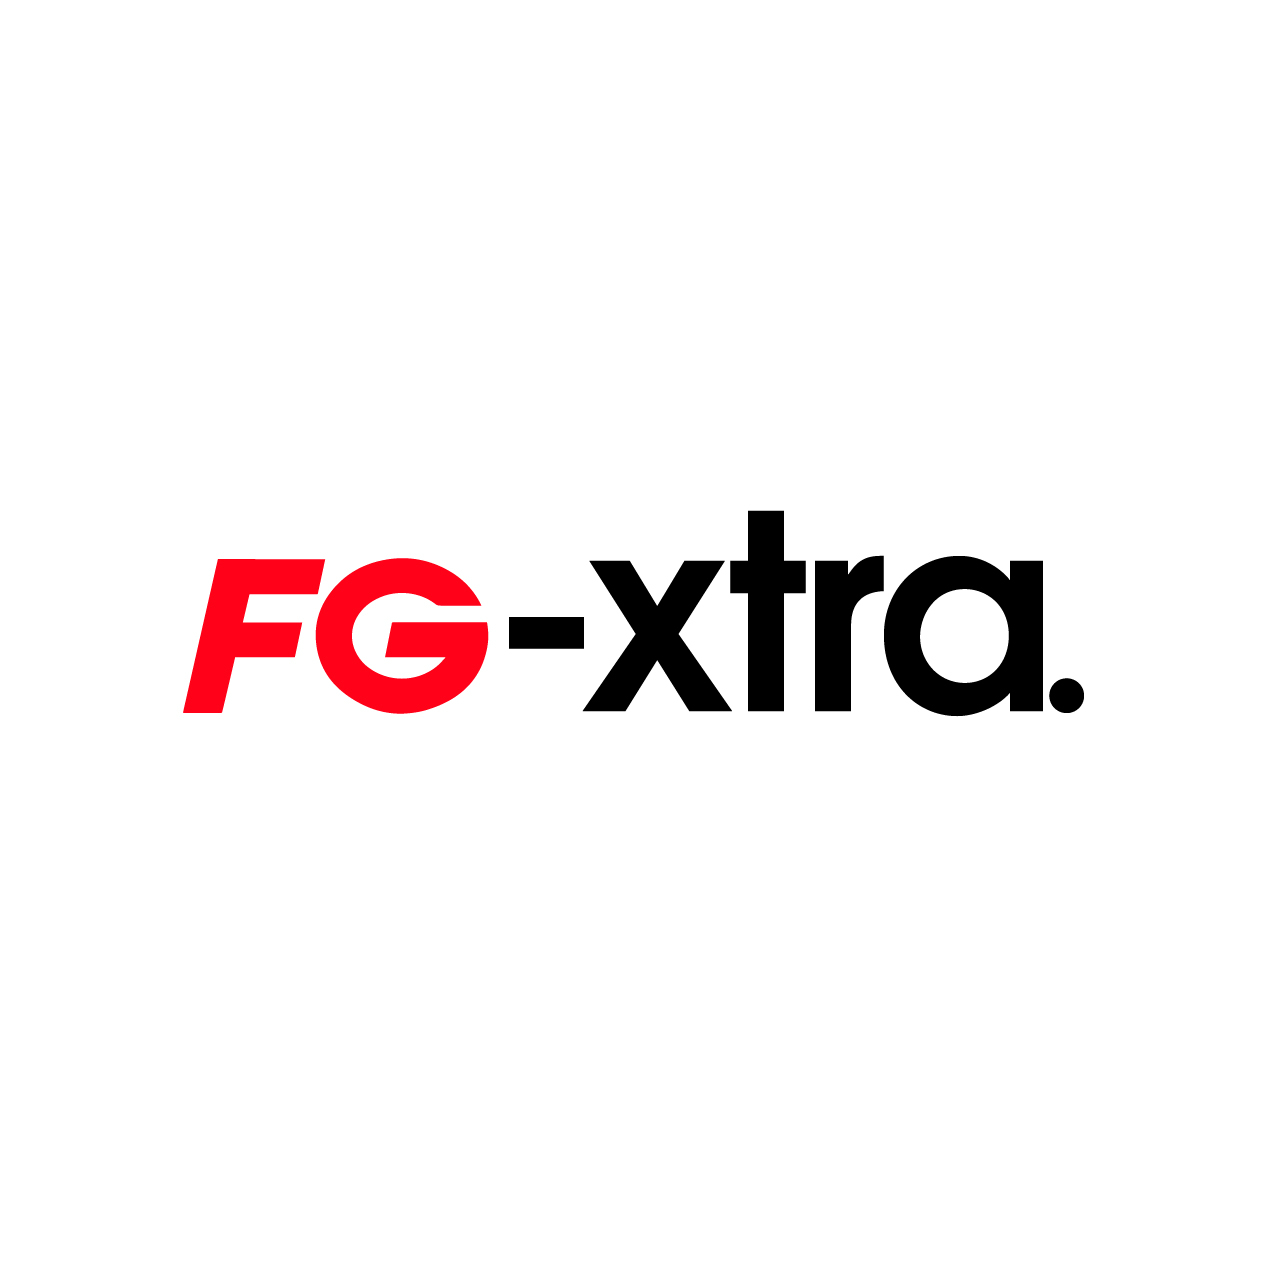 FG Xtra Radio